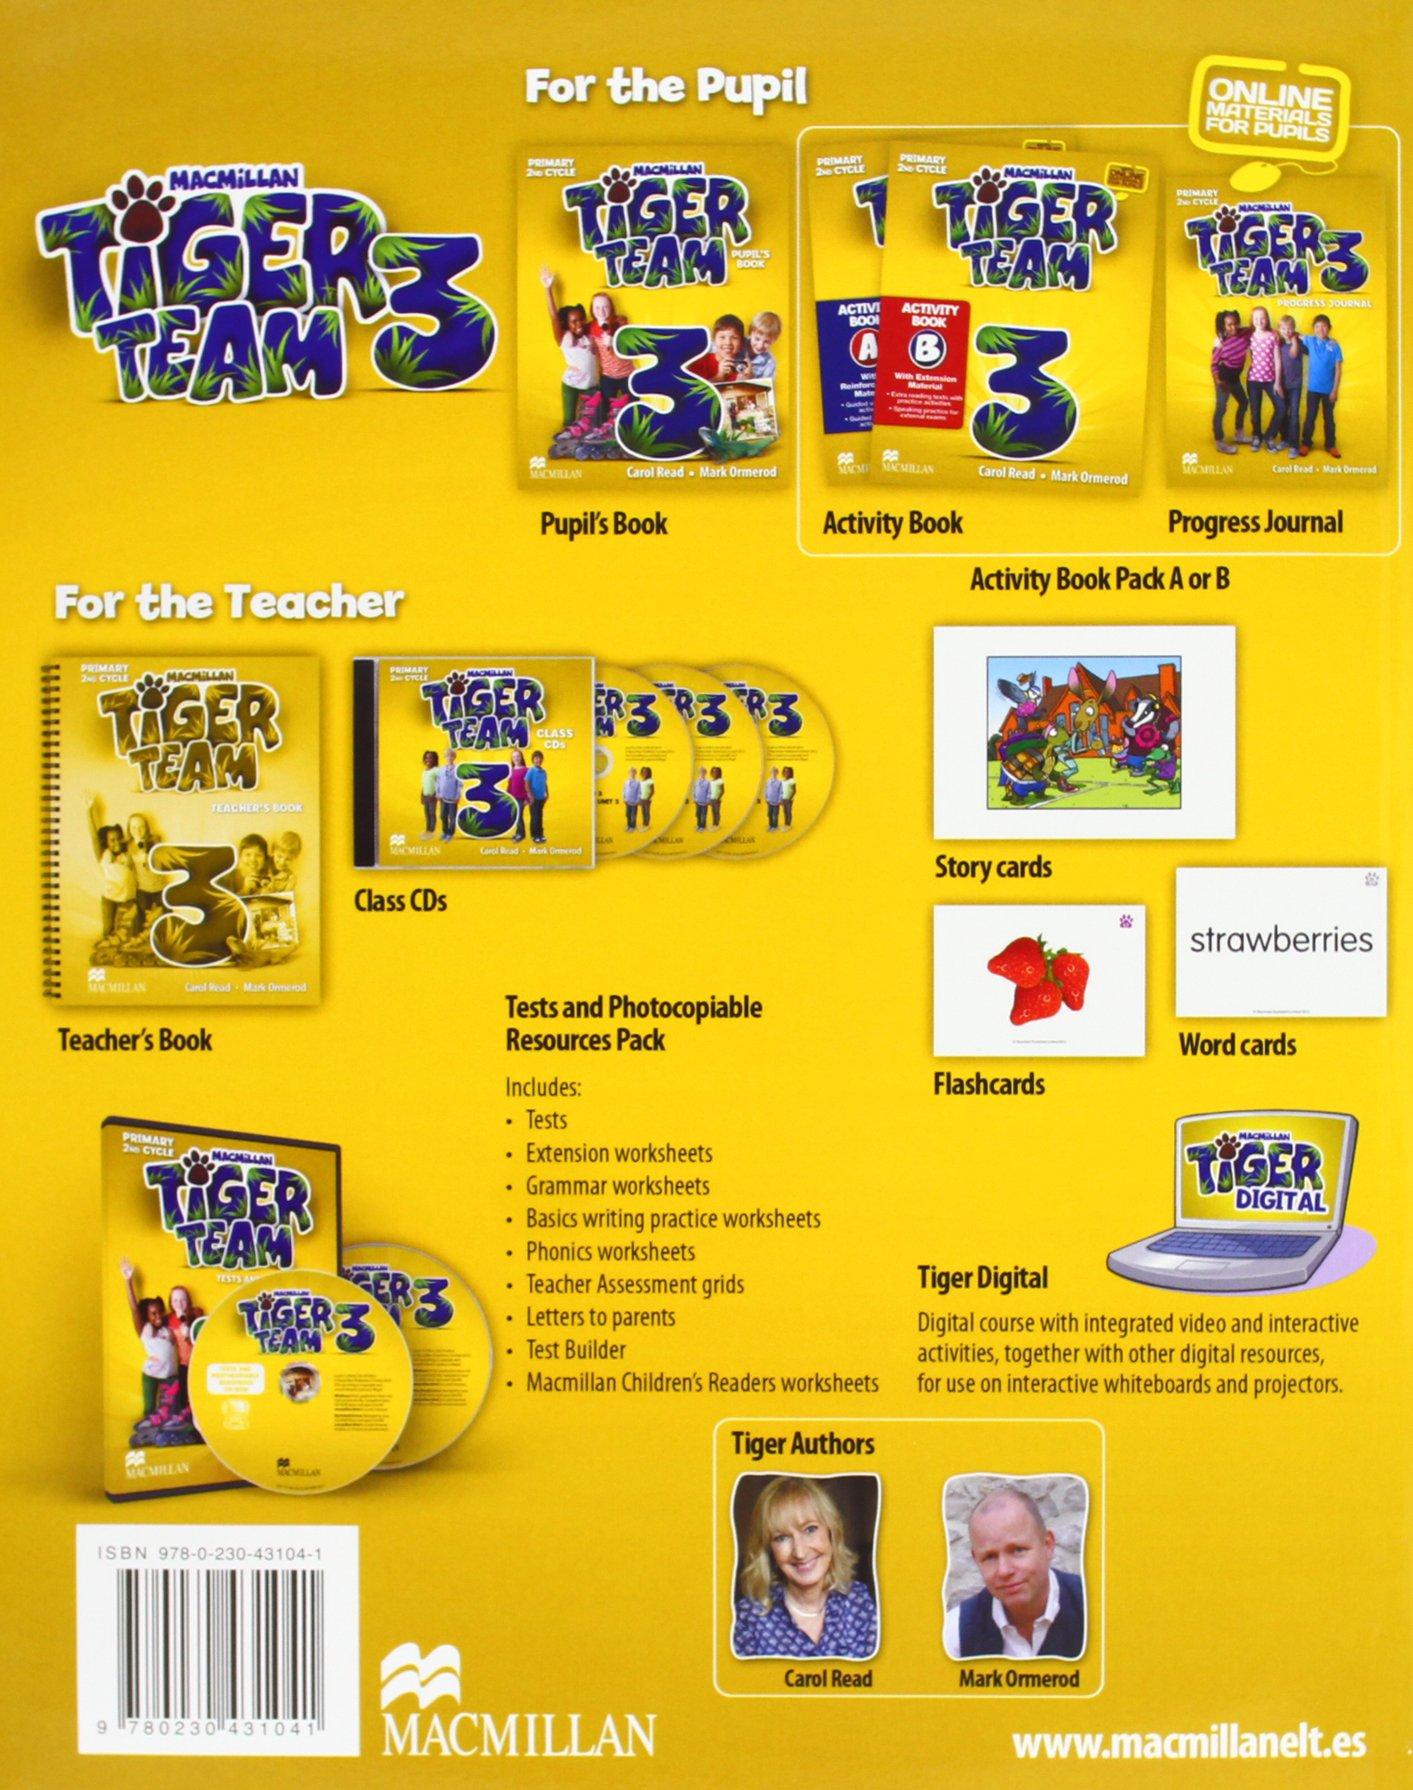 TIGER 3 Ab A Pk - 9780230431041: Amazon.es: Read, Carol, Ormerod, Mark.: Libros en idiomas extranjeros